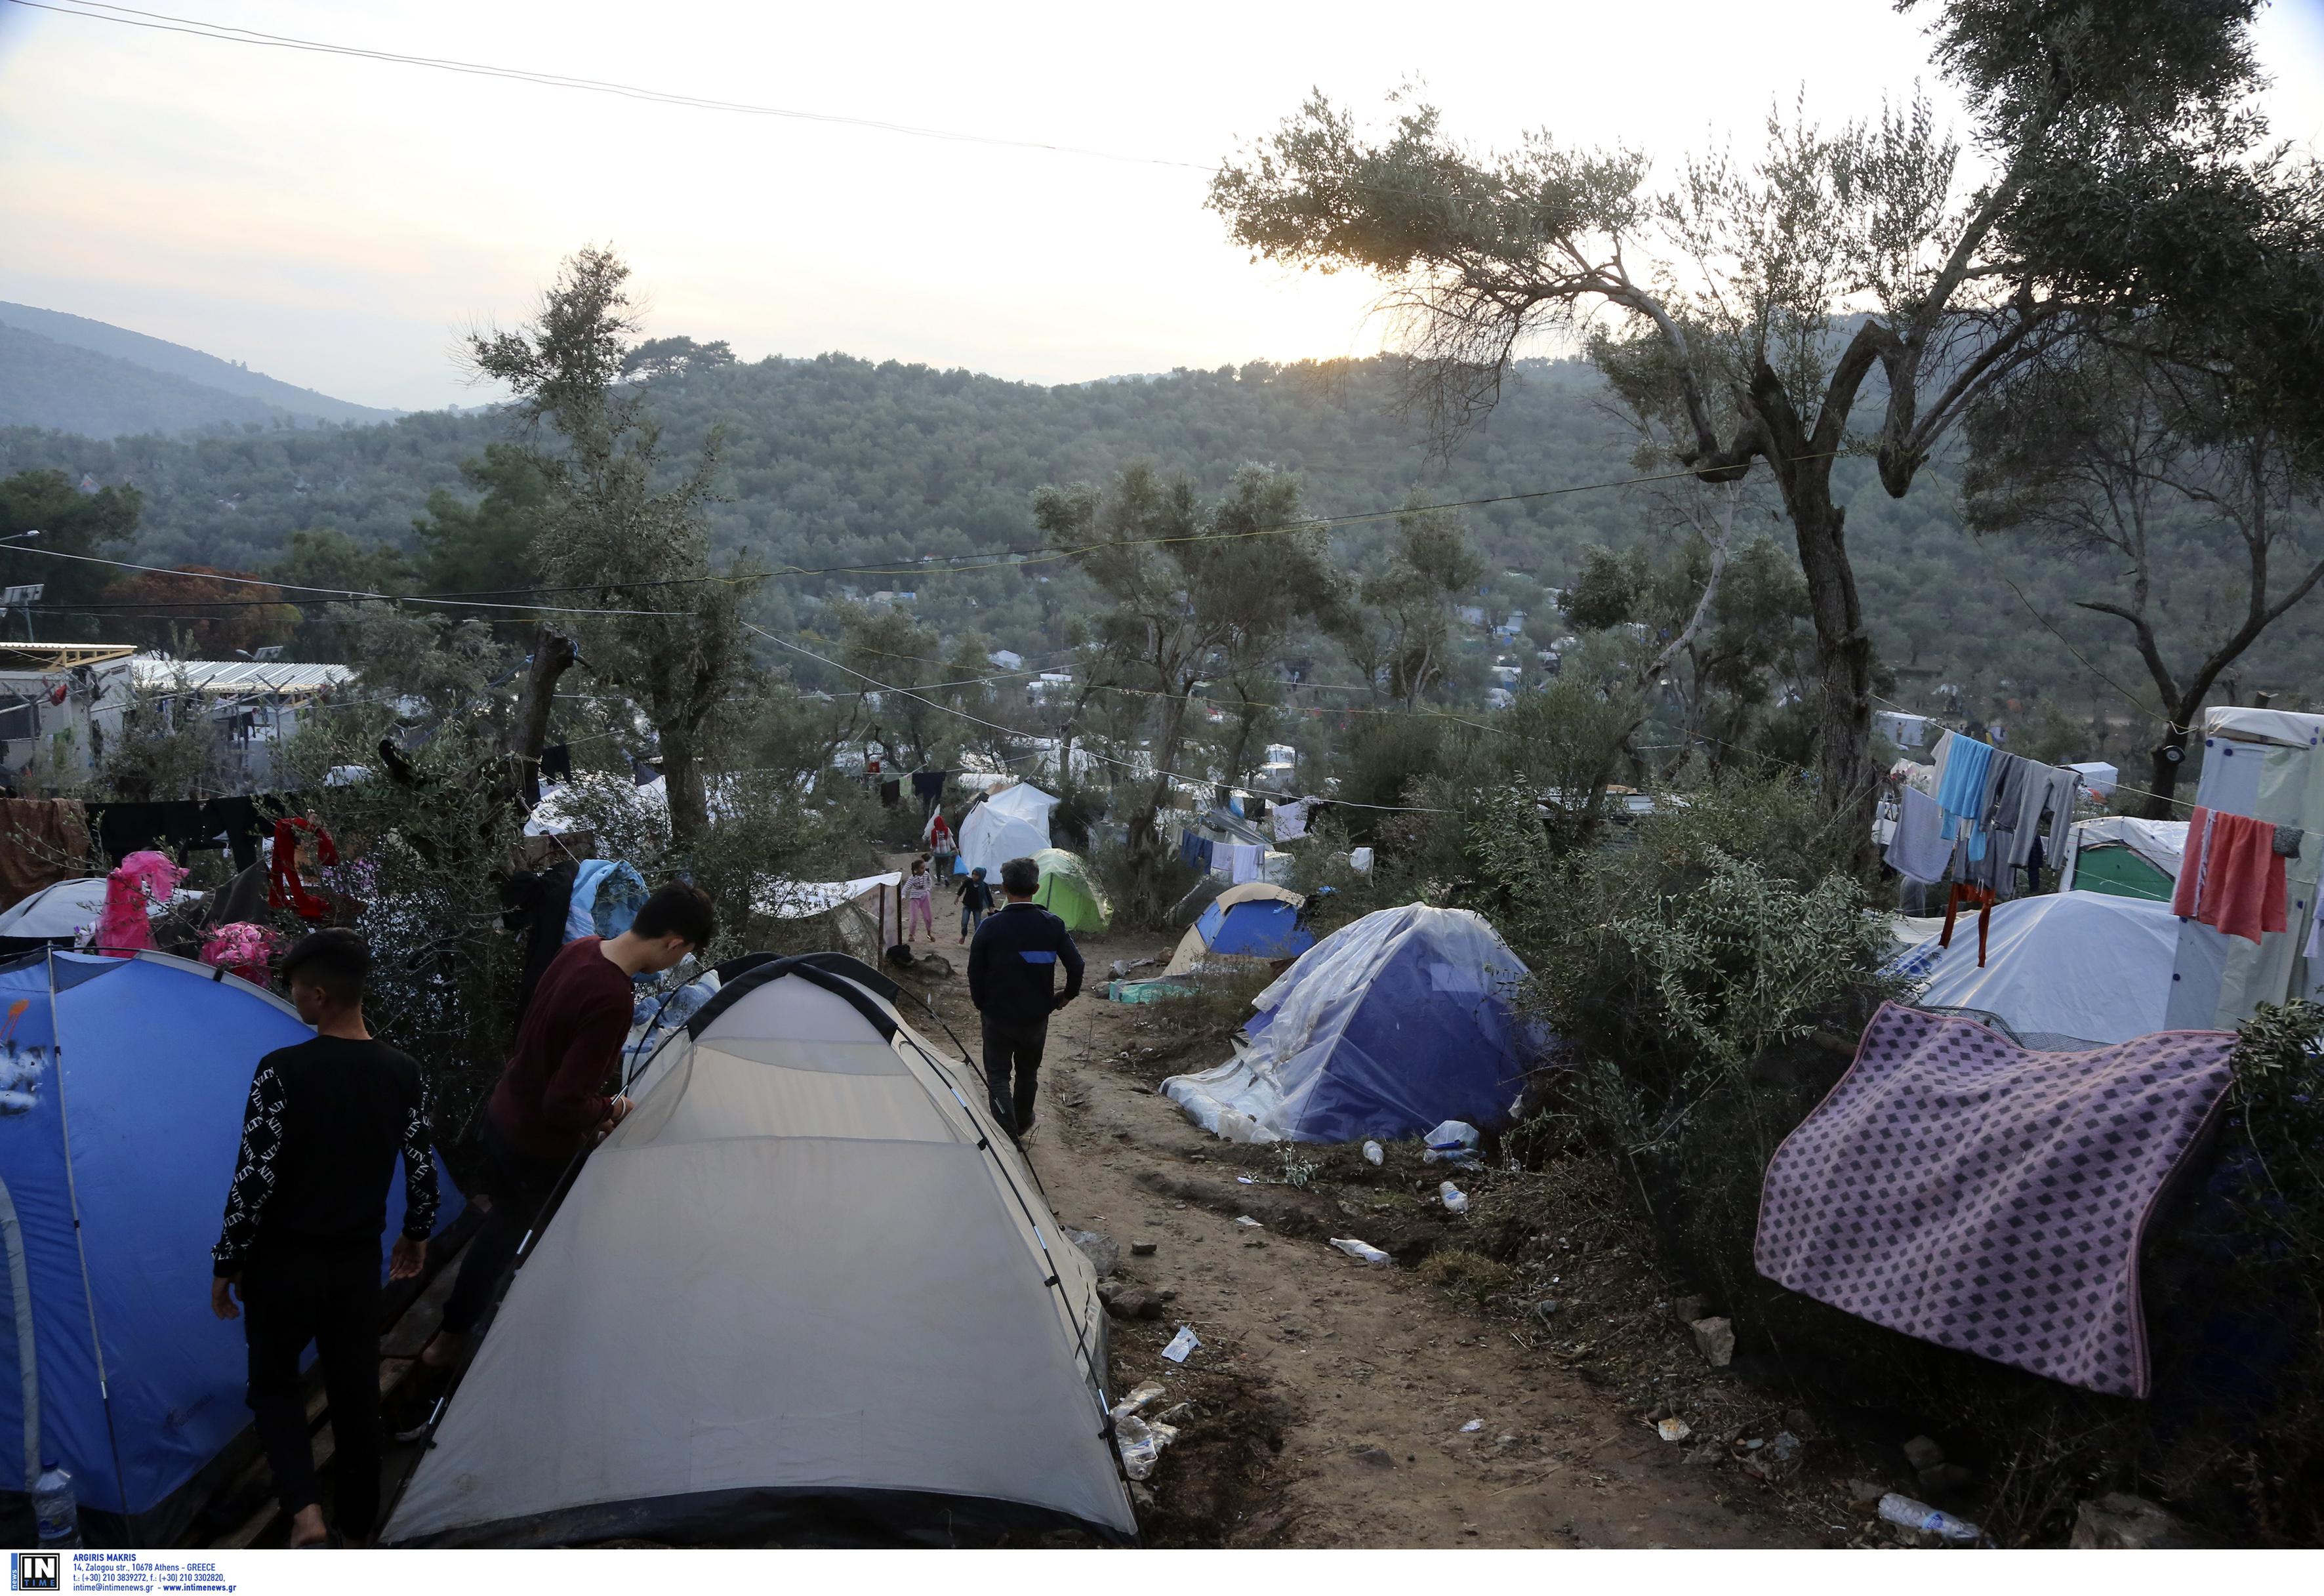 400 αιτούντες άσυλο προωθούνται στη Γαλλία! Τα έξι μέτρα συνεργασίας με την Ελλάδα για το μεταναστευτικό